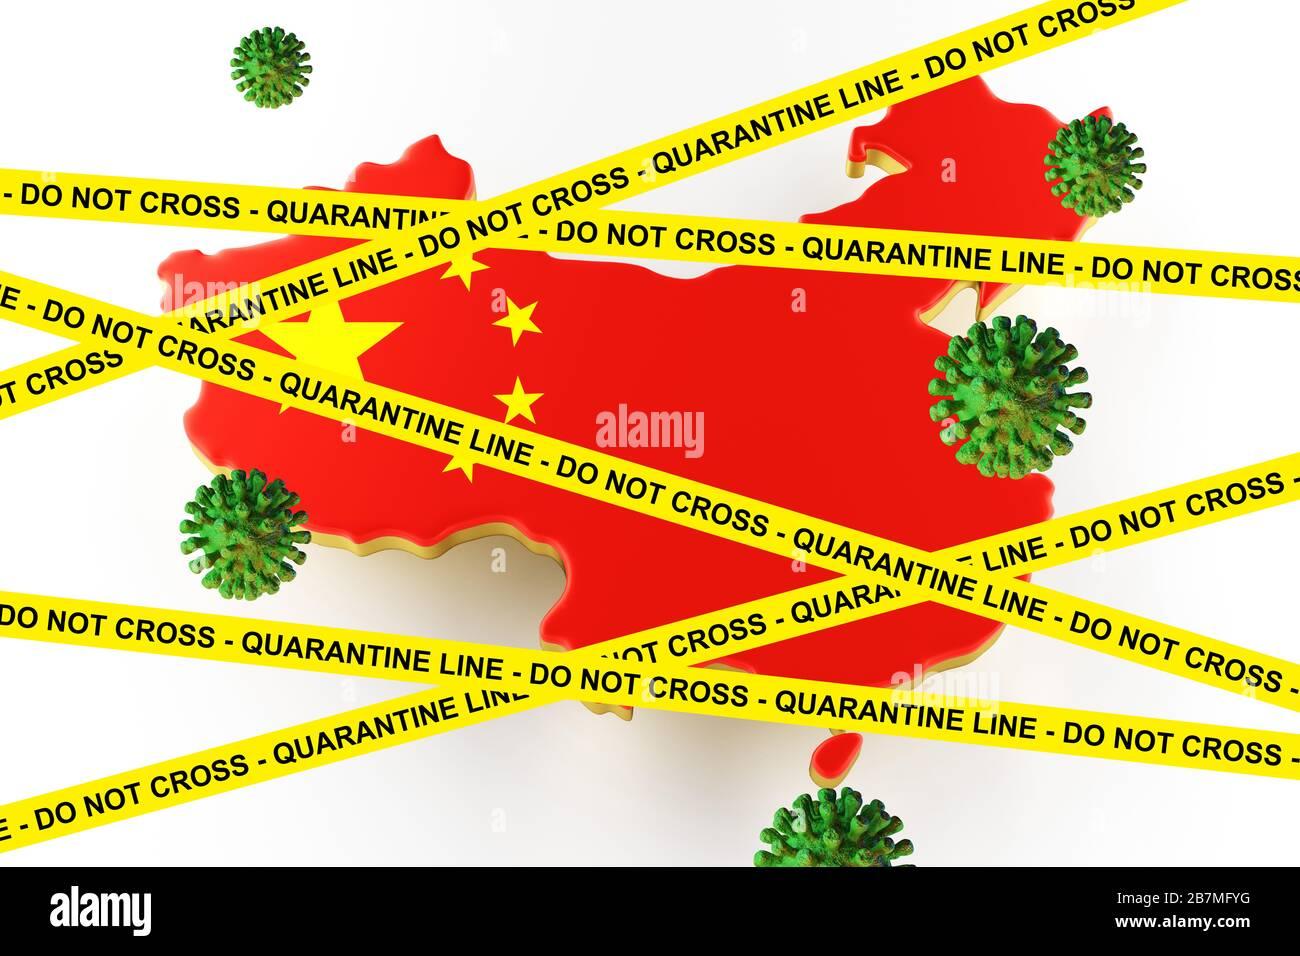 Vue microscopique du Coronavirus, un pathogène qui attaque les voies respiratoires. Analyse et test, expérimentation. Maladie infectieuse. Carte du monde avec la Chine. rendu tridimensionnel Banque D'Images